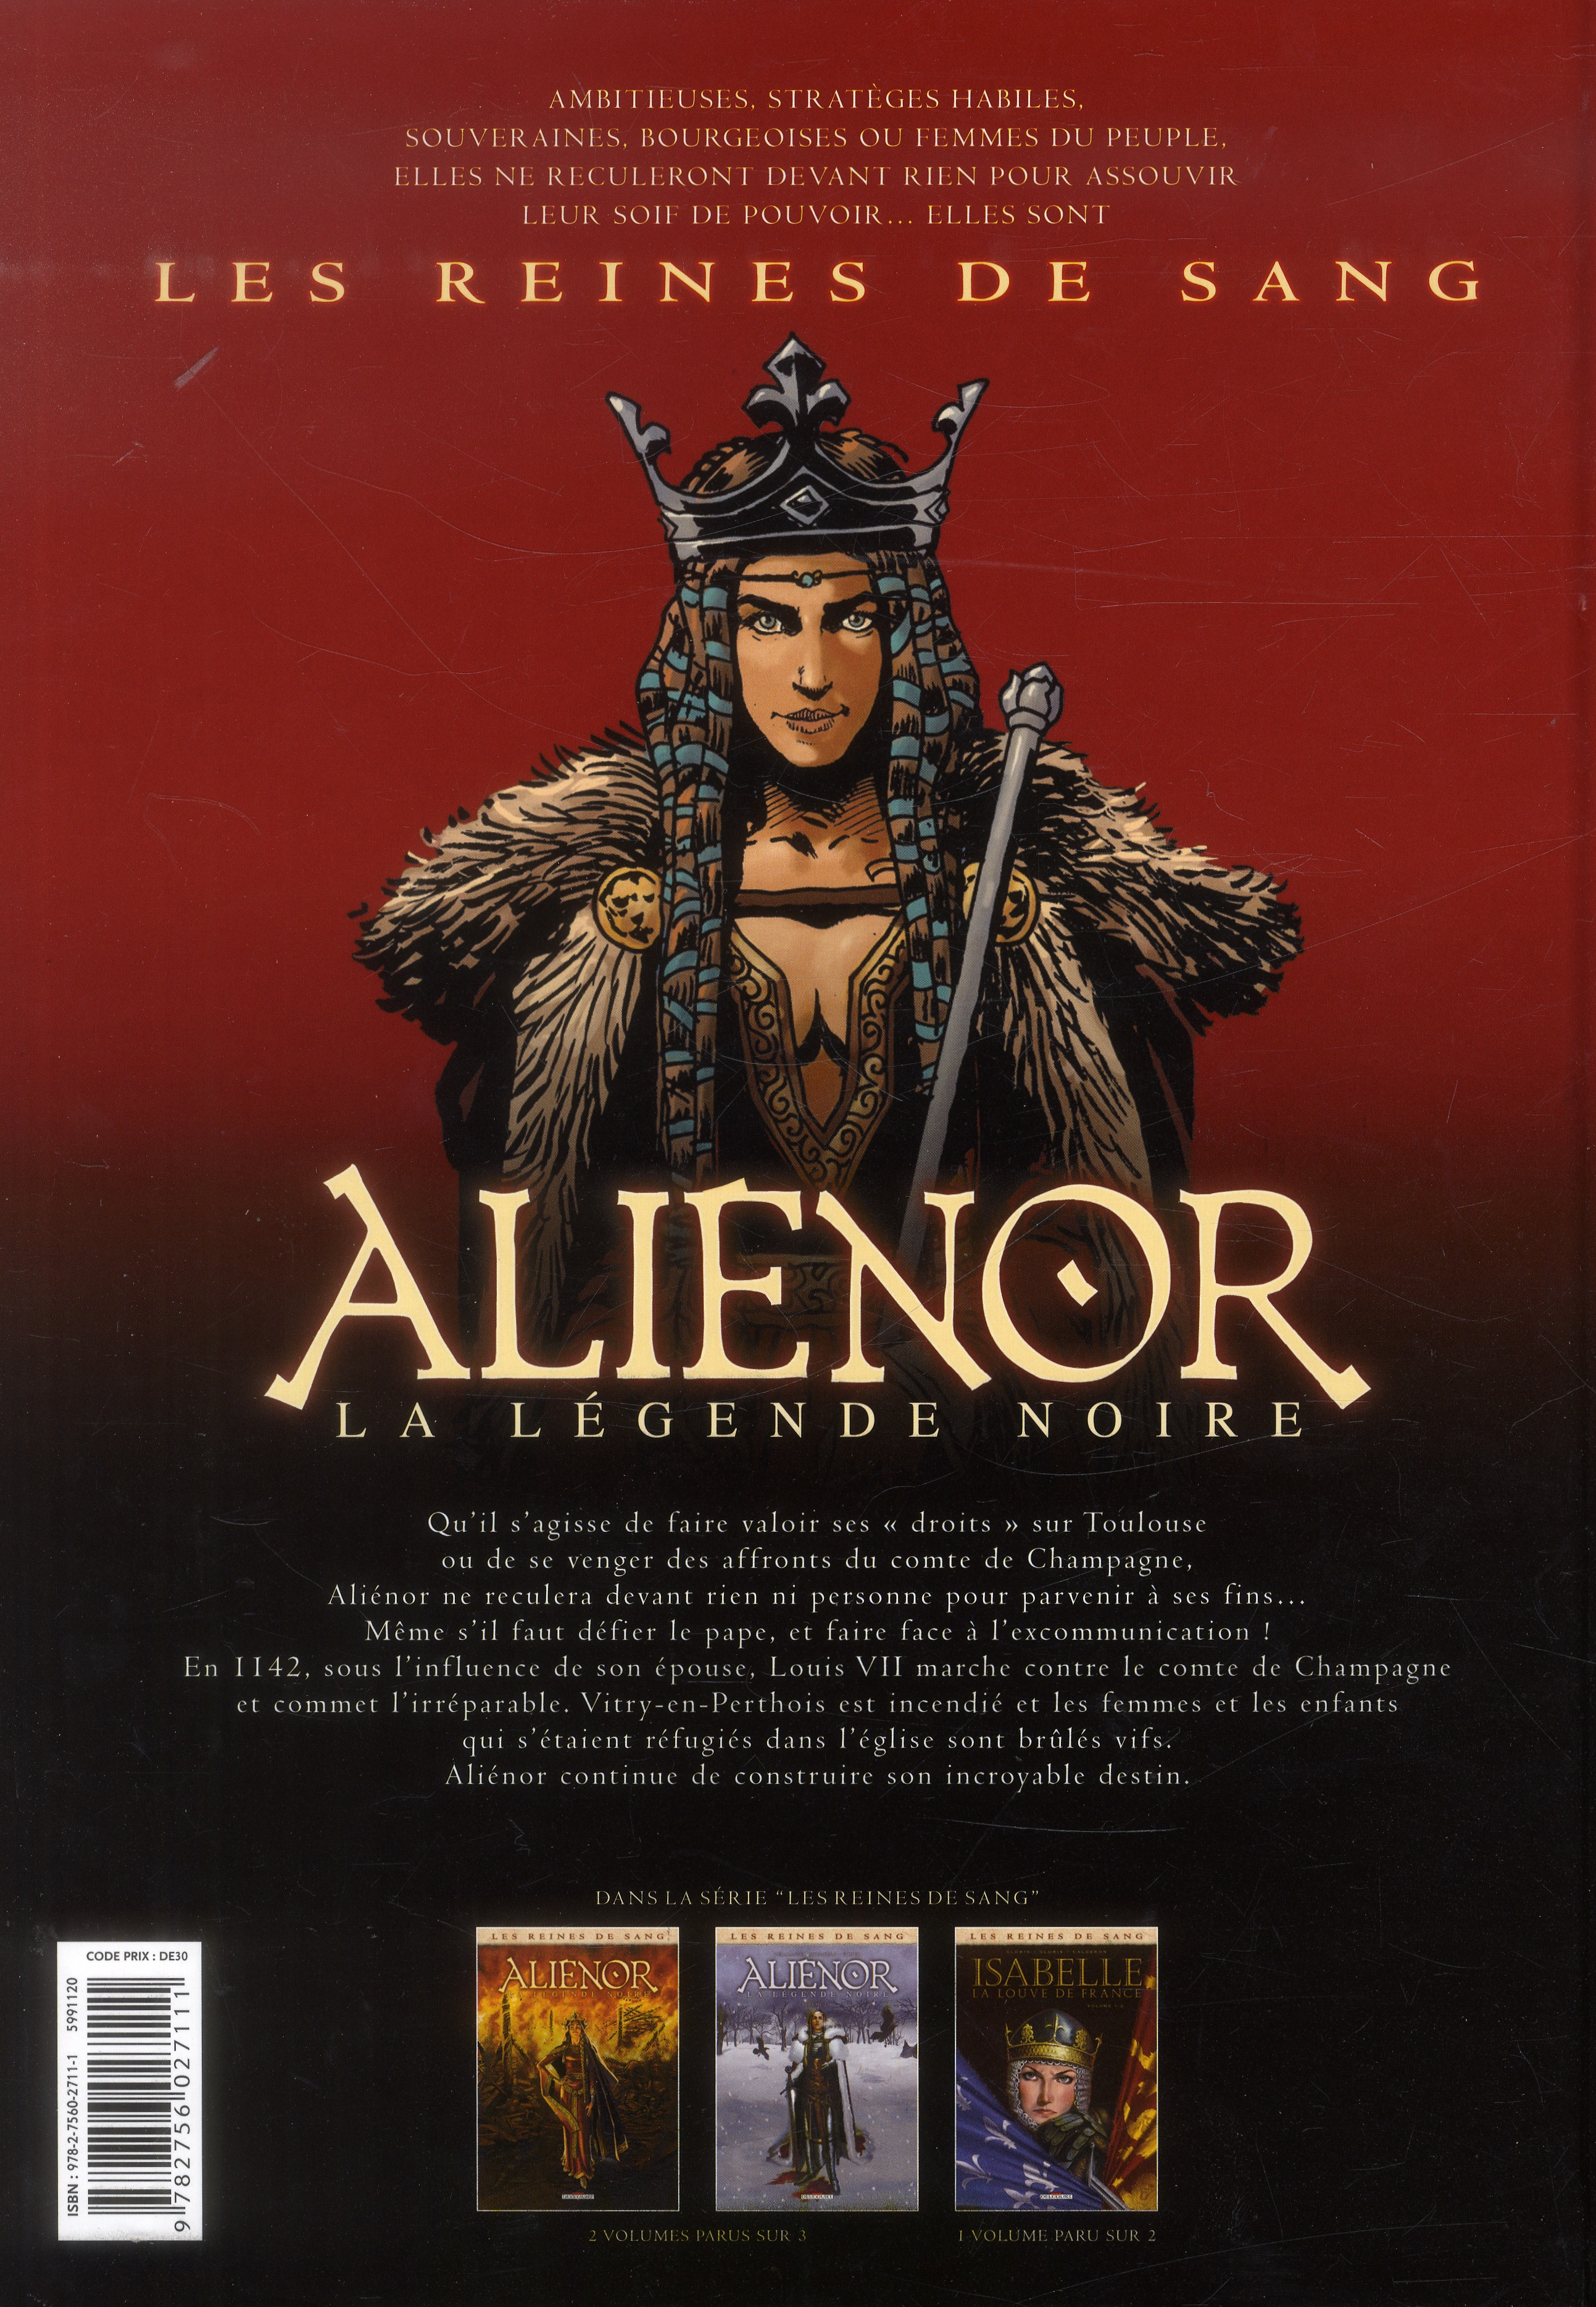 Les reines de sang - Aliénor, la légende noire T.2